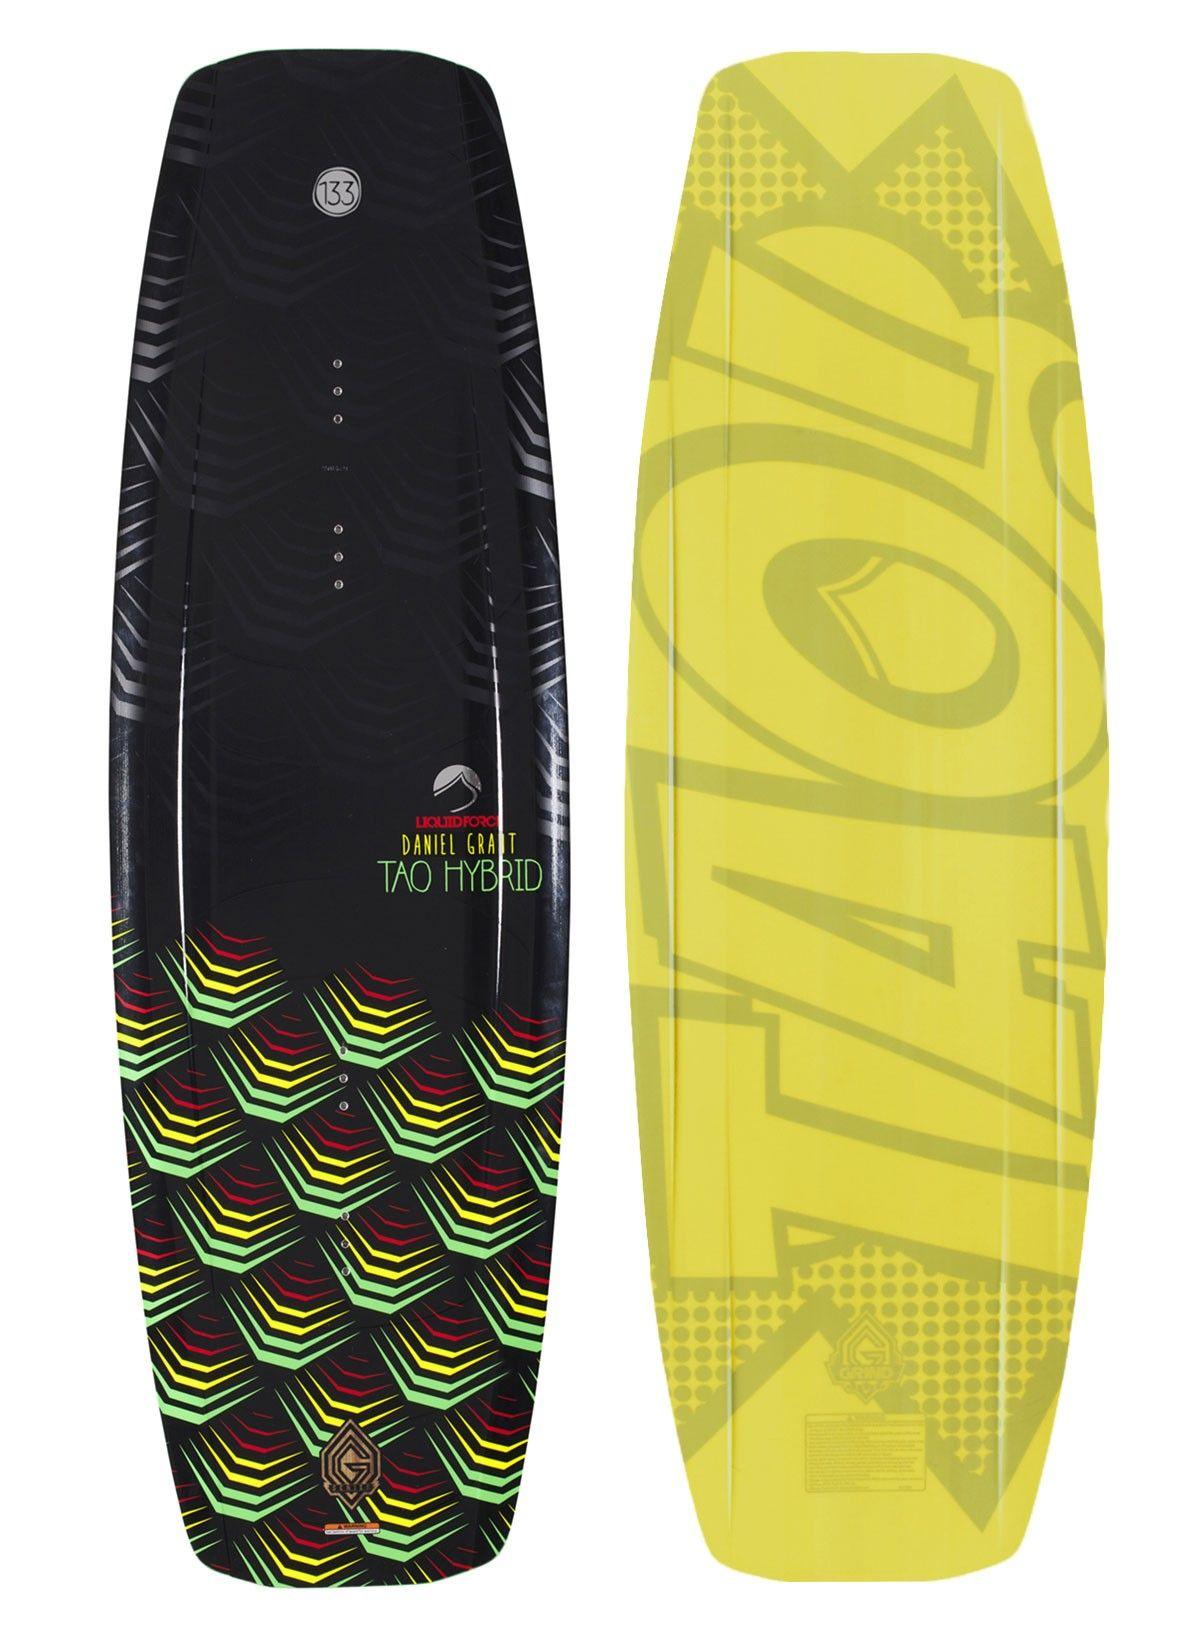 2015-liquidforce-tao-wakeboard-133